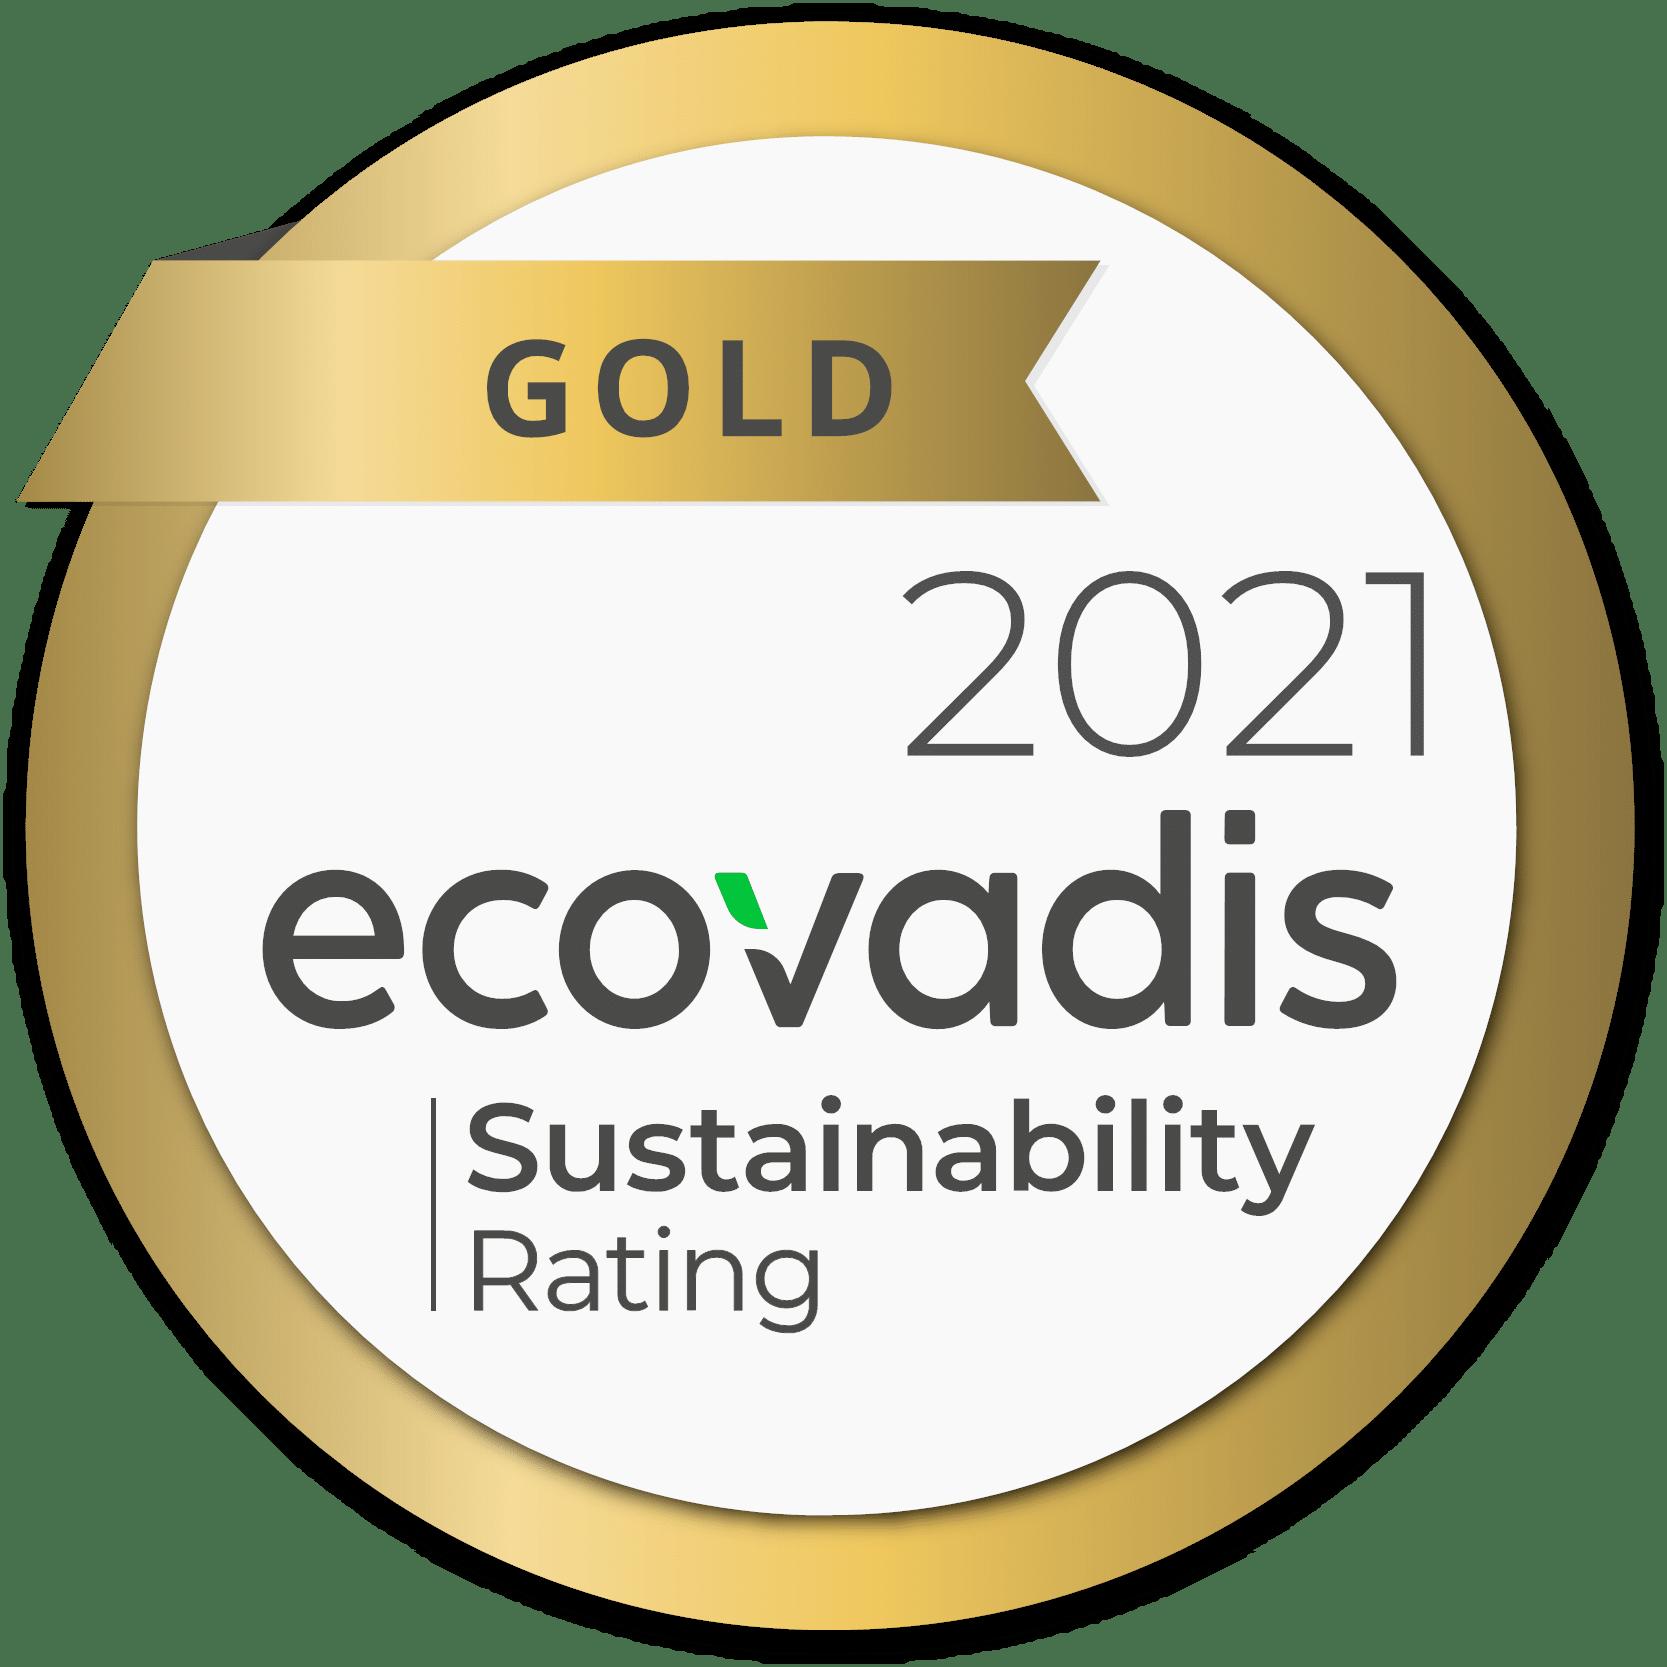 OTEGO Ecovadis GOLD sustainability